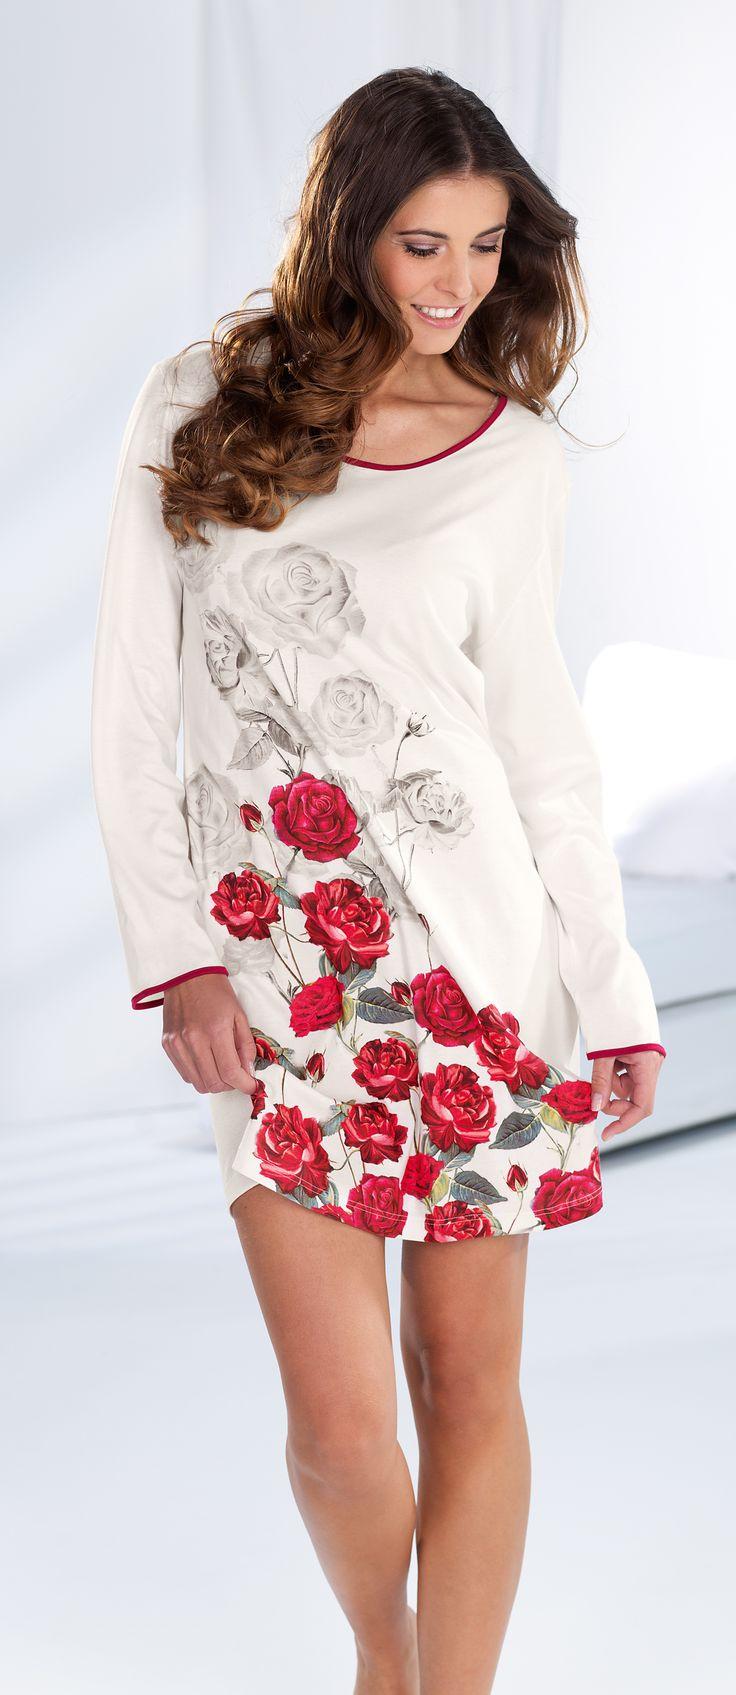 CYBÈLE Podzim-Zima 2016/2017   Noční prádlo   Noční košile   Nightwear   Nightdress   www.naturana-plavky-pradlo.cz